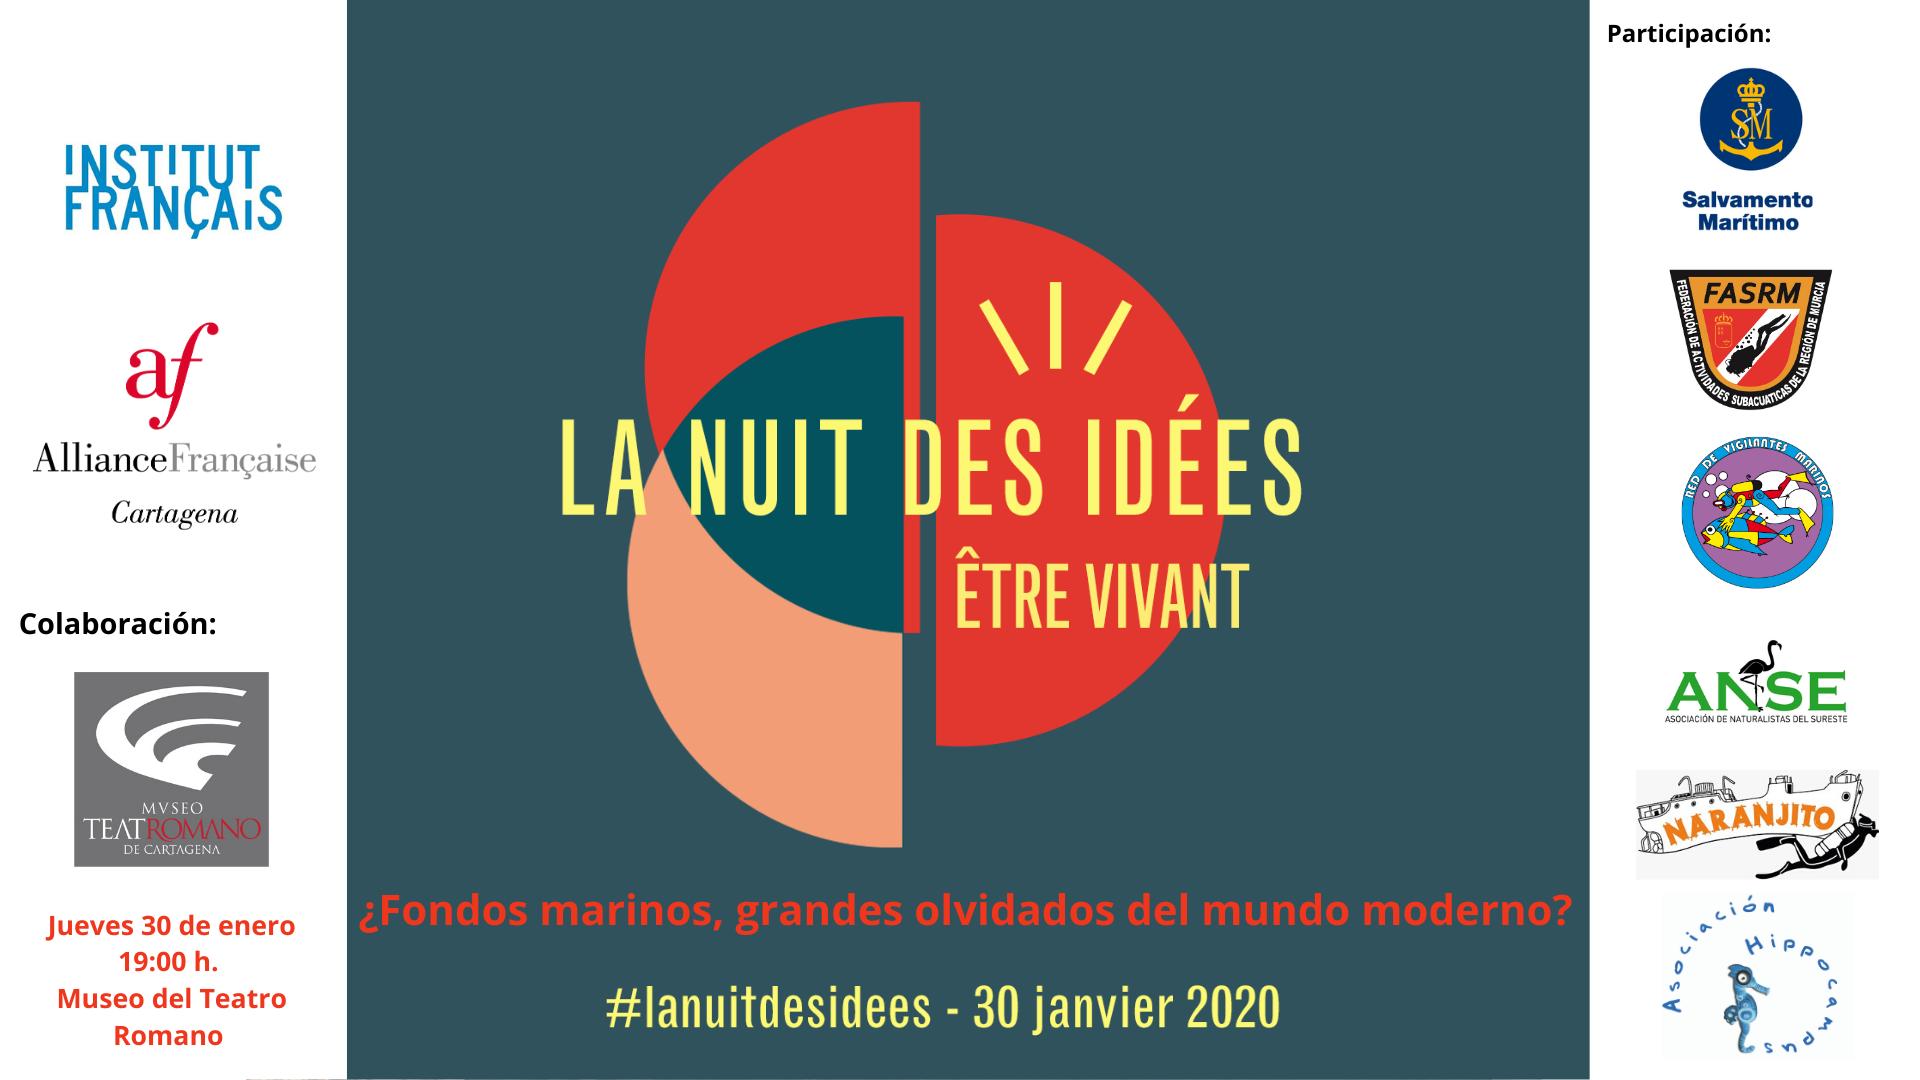 La Noche de las Ideas 2020 - La nuit des idées 2020 6